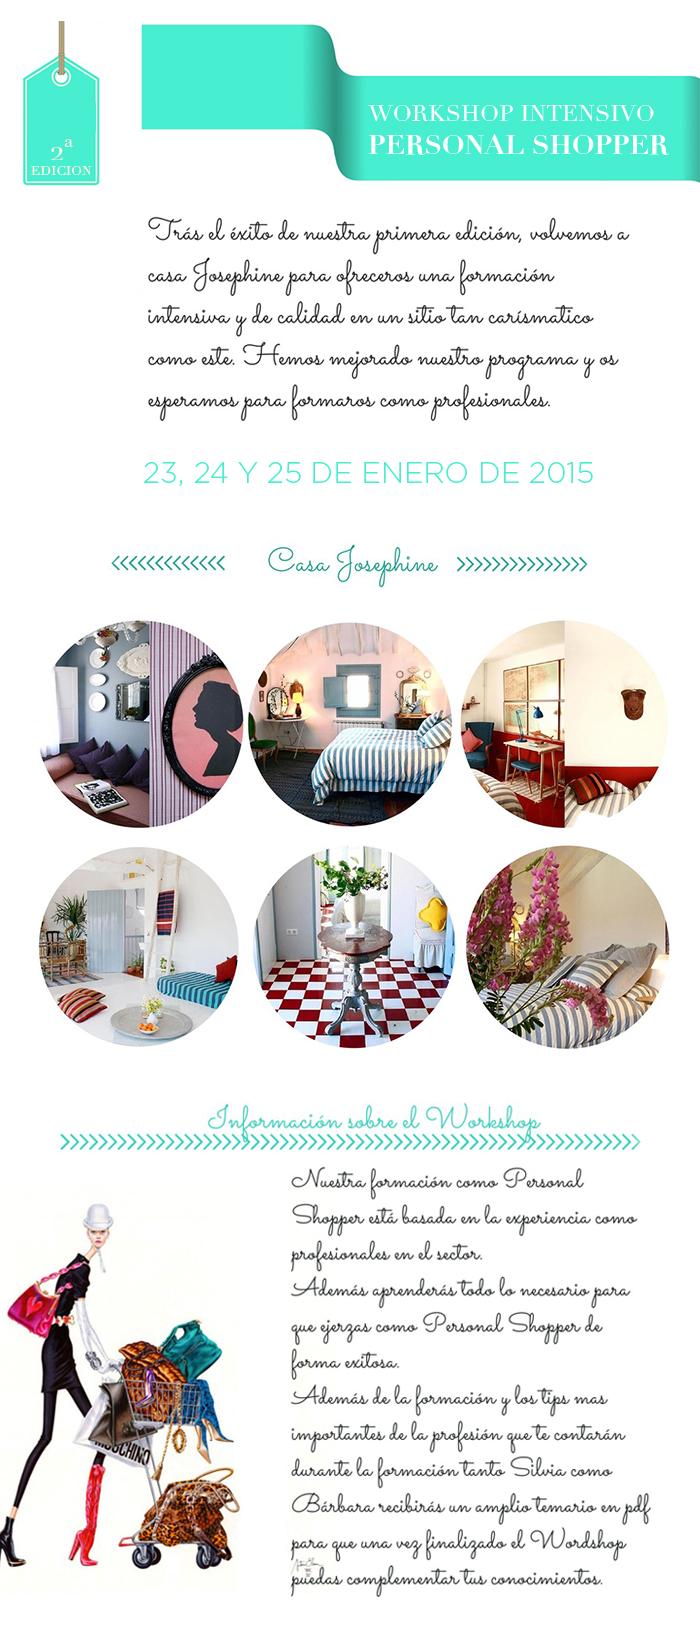 barbara crespo personal shopper workshop intensivo masterclass sorzano la rioja fashion blogger blog de moda